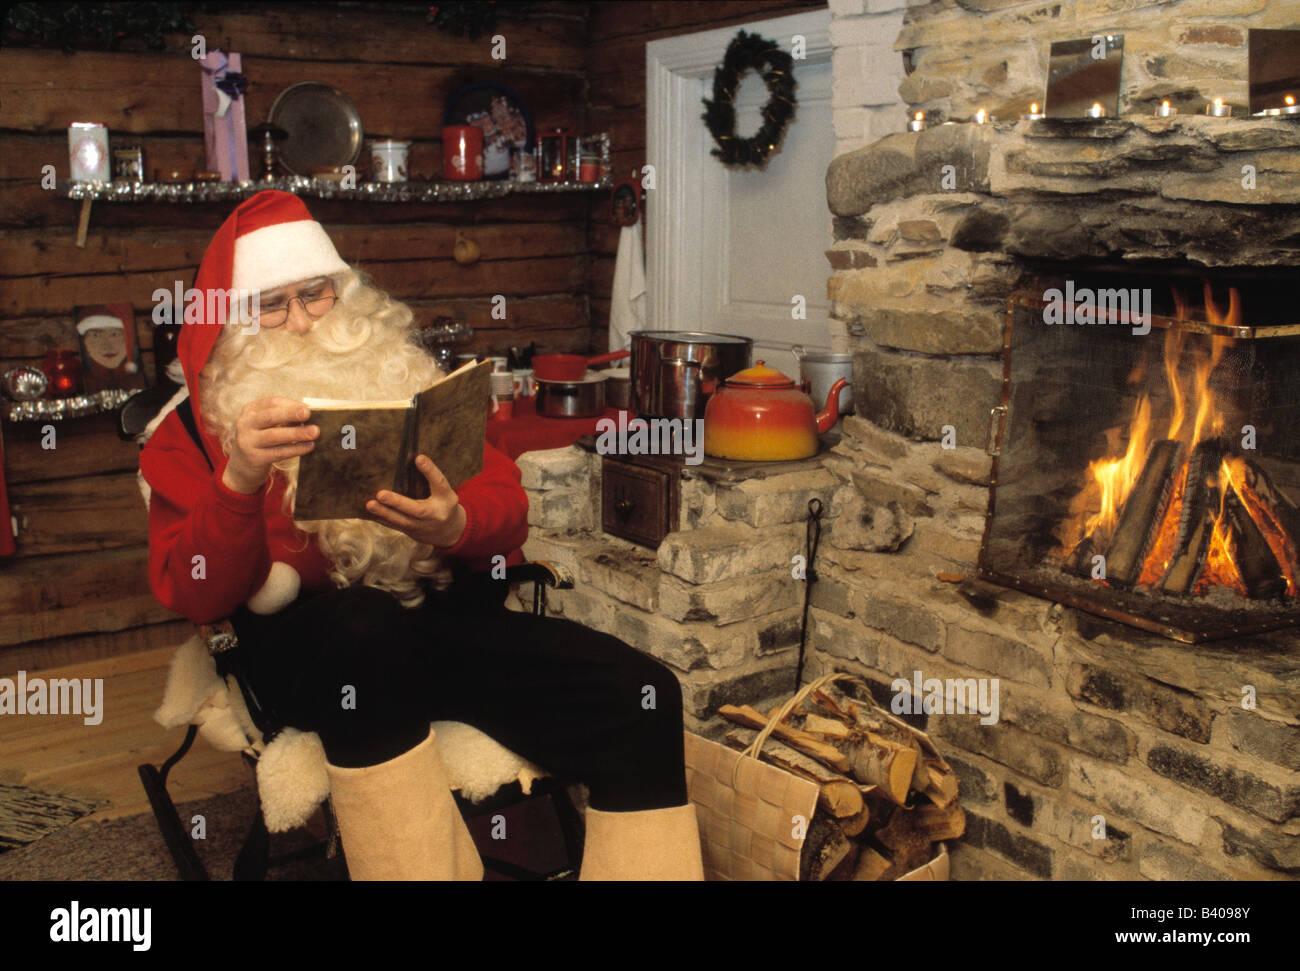 """Weihnachtsmann """"Santa Claus"""", Lappland, Finnland Stockbild"""